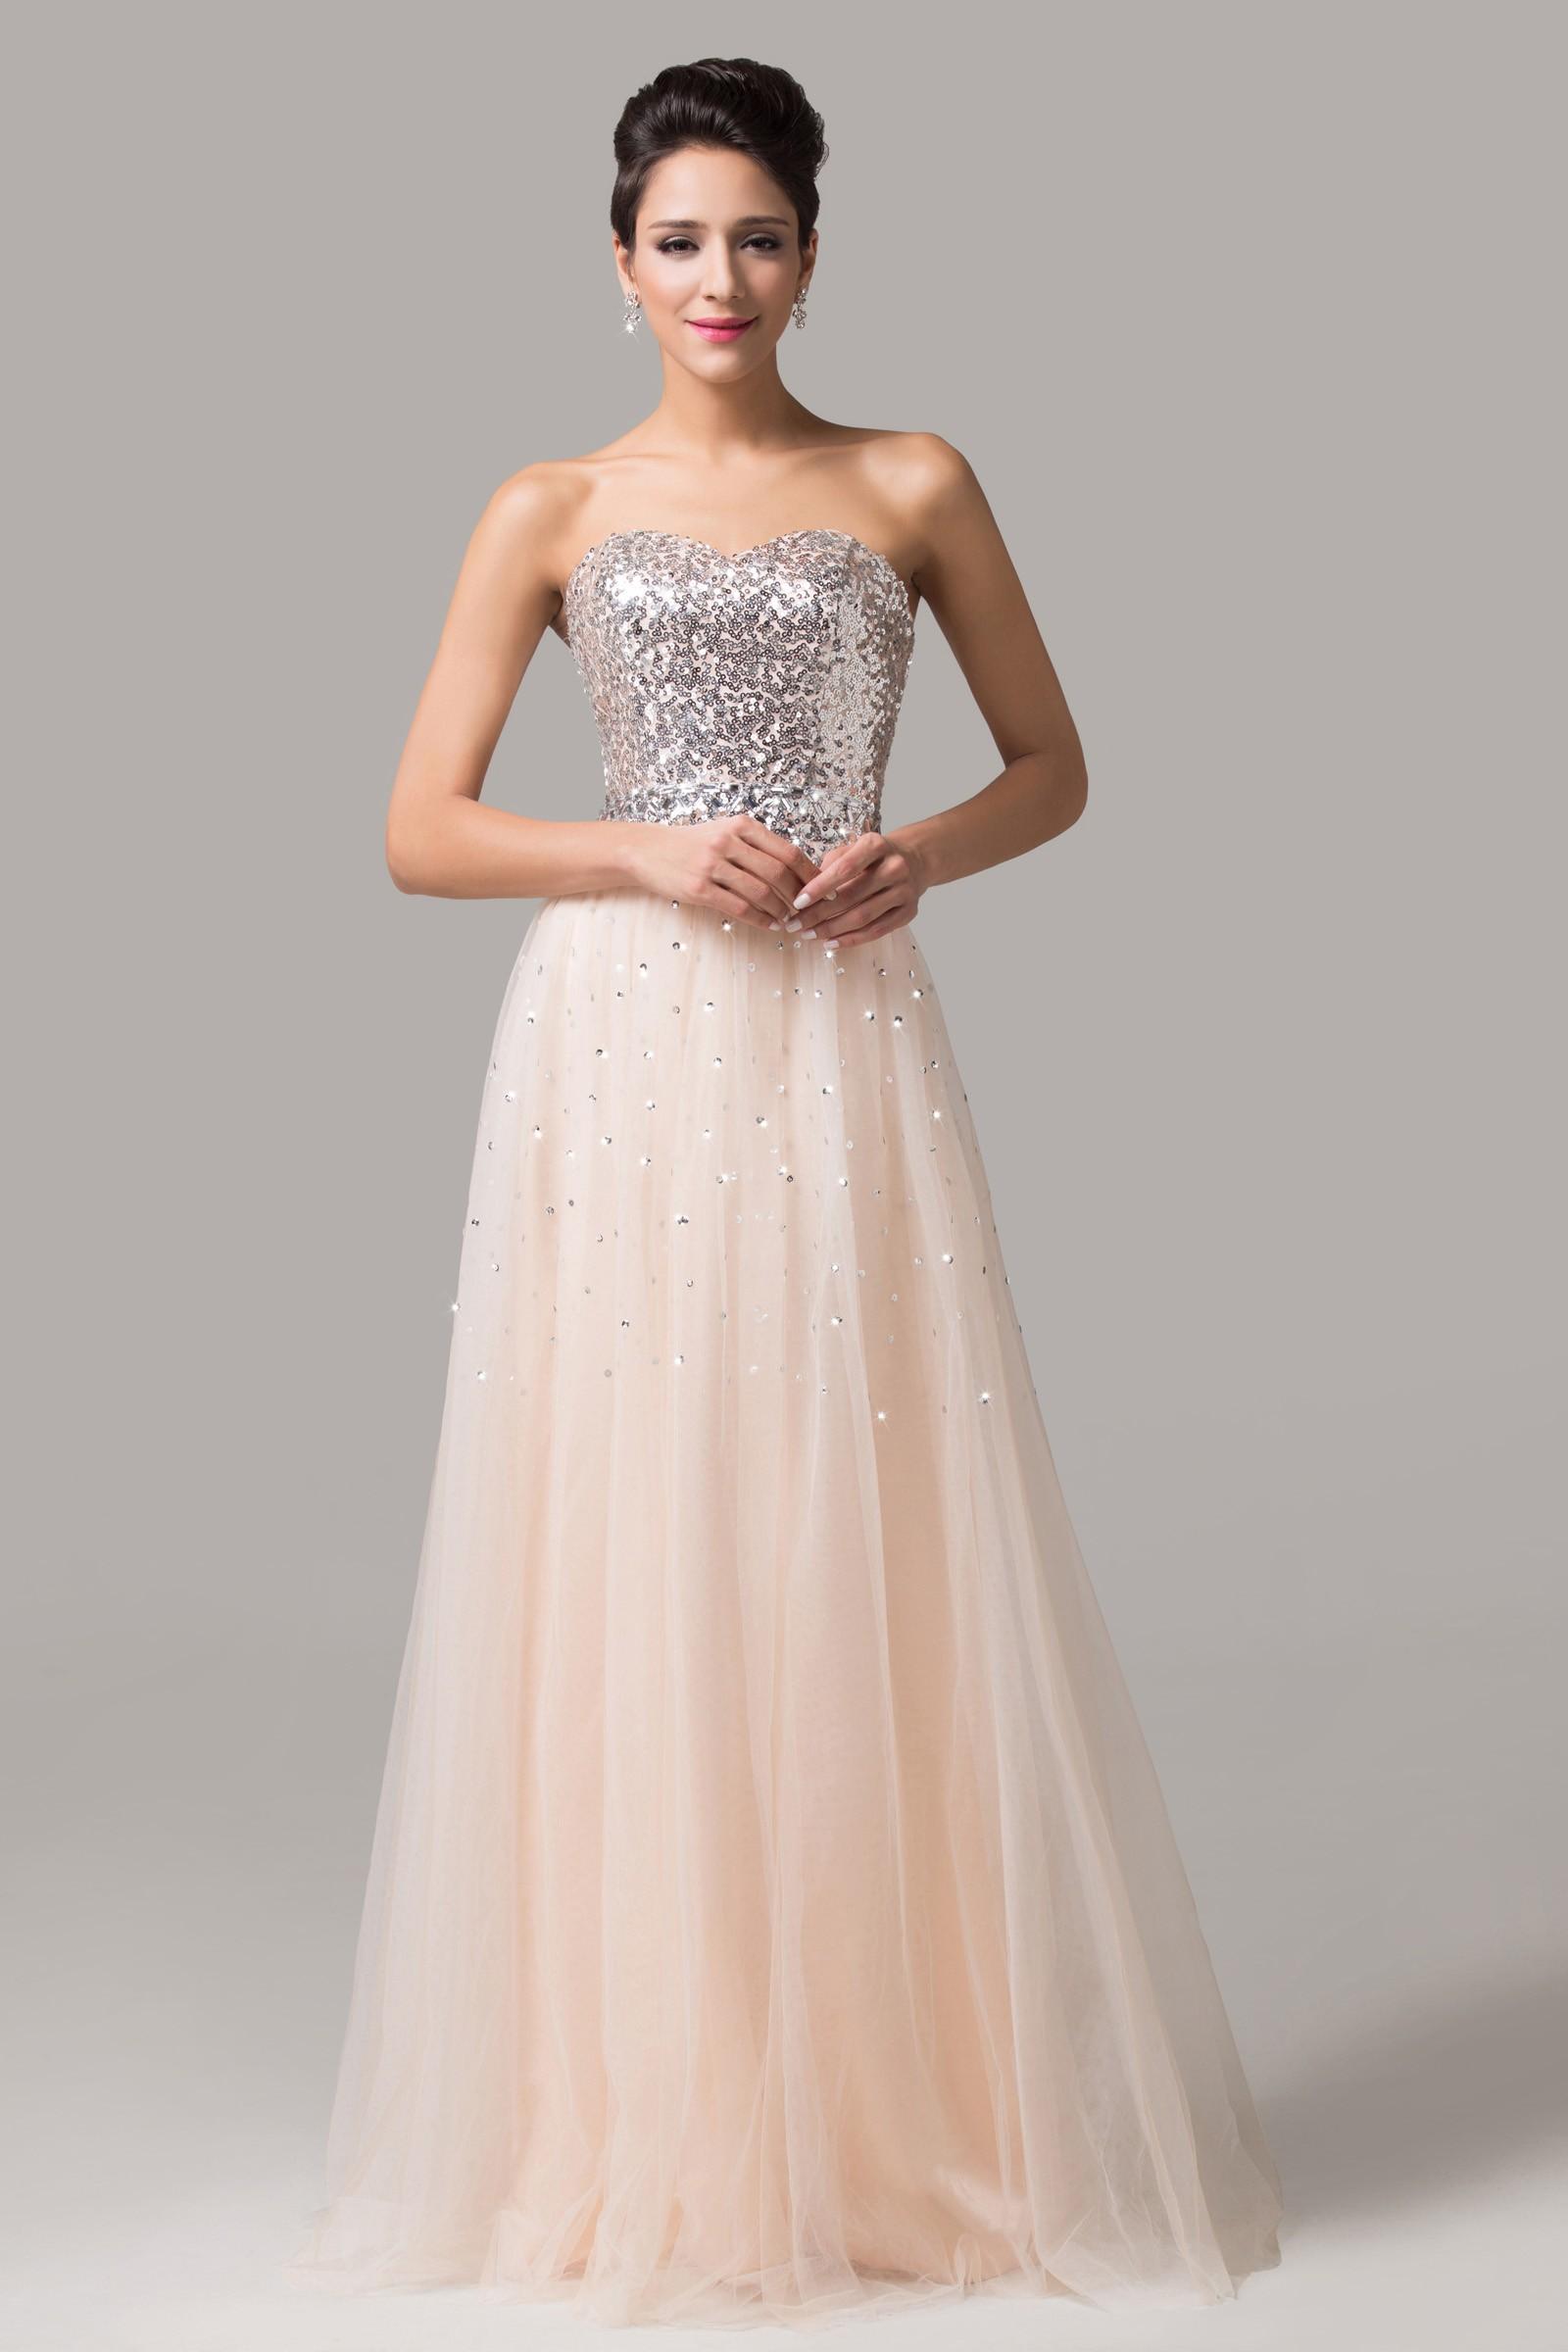 champagne flitrové plesové šaty na maturitní ples - plesové šaty ... 9a94326084